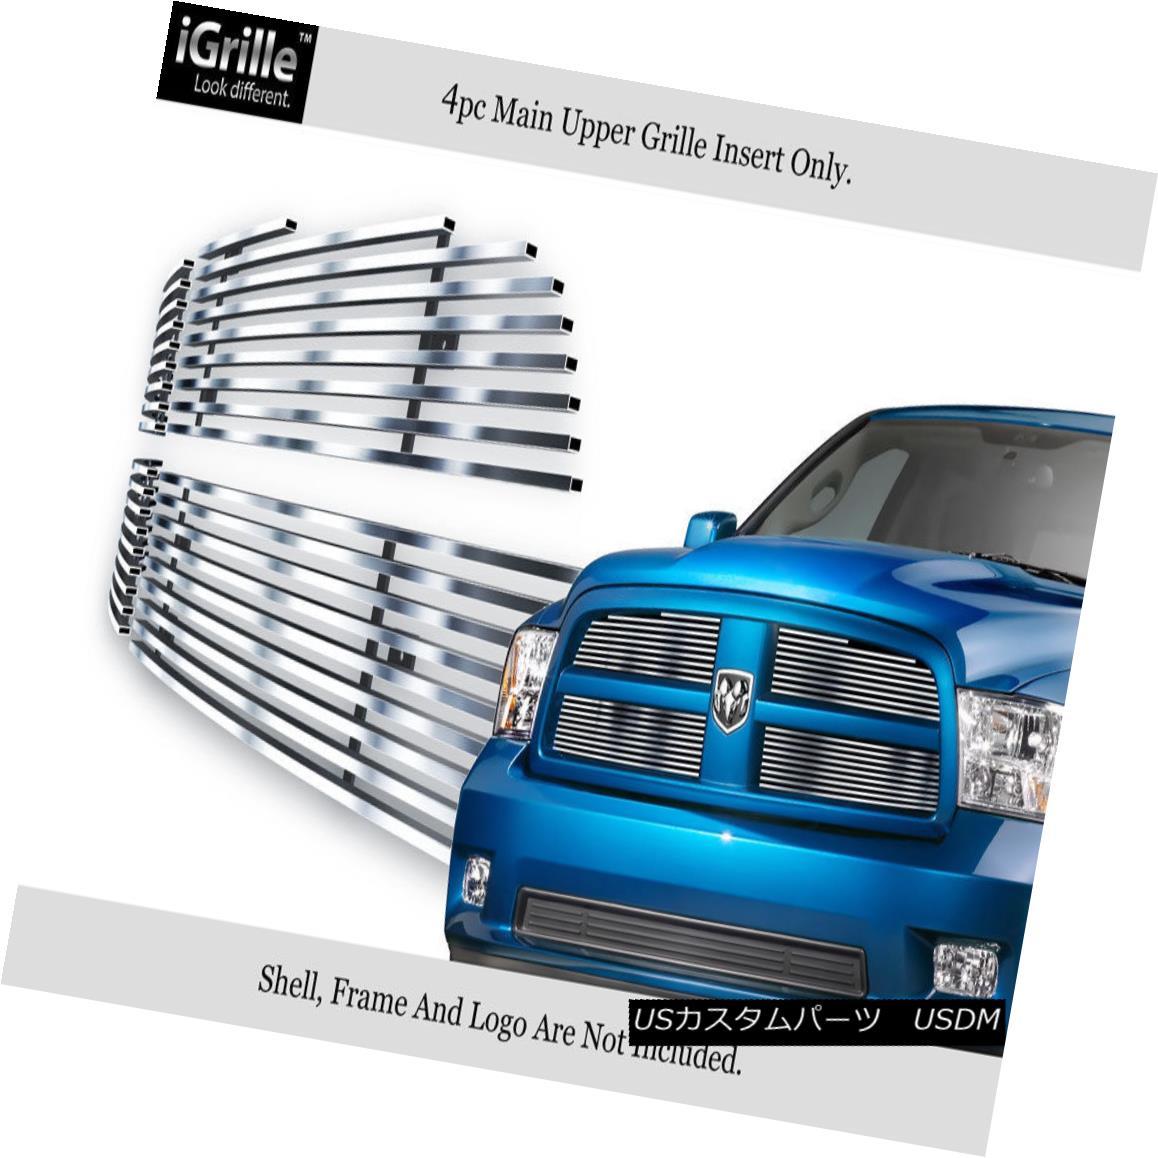 グリル For 2009-2012 Dodge Ram 1500 Pickup Stainless Steel Billet Grille Grill Insert 2009-2012ダッジラム1500用ピックアップステンレス鋼ビレットグリルグリルインサート